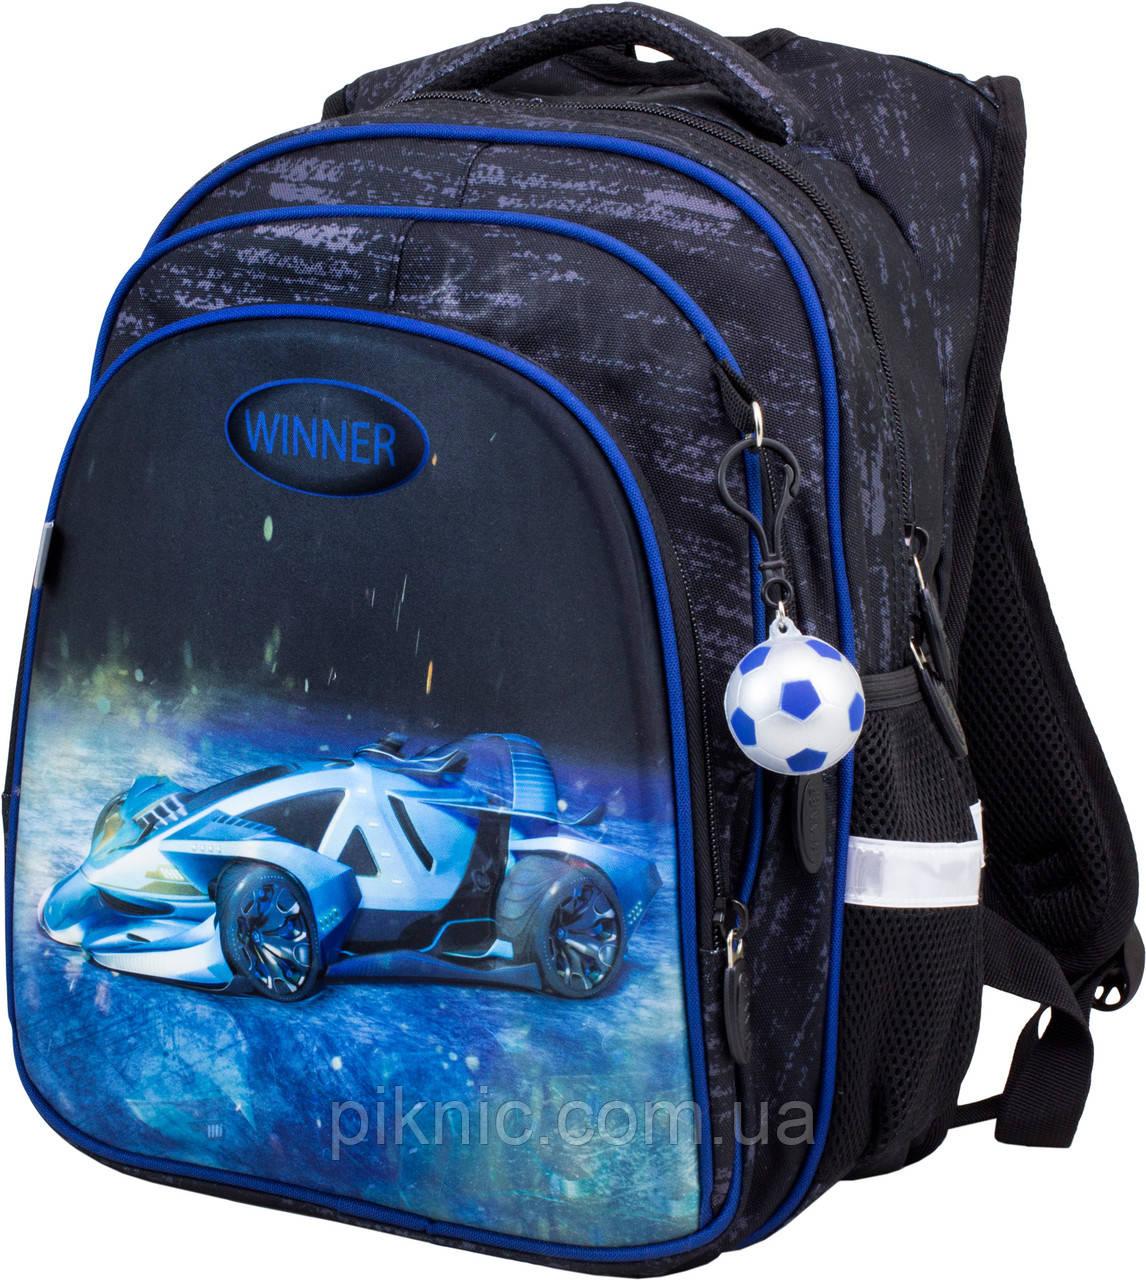 Рюкзак шкільний для хлопчиків Winner stile (8065) Рюкзак портфель ортопедичний 1 клас